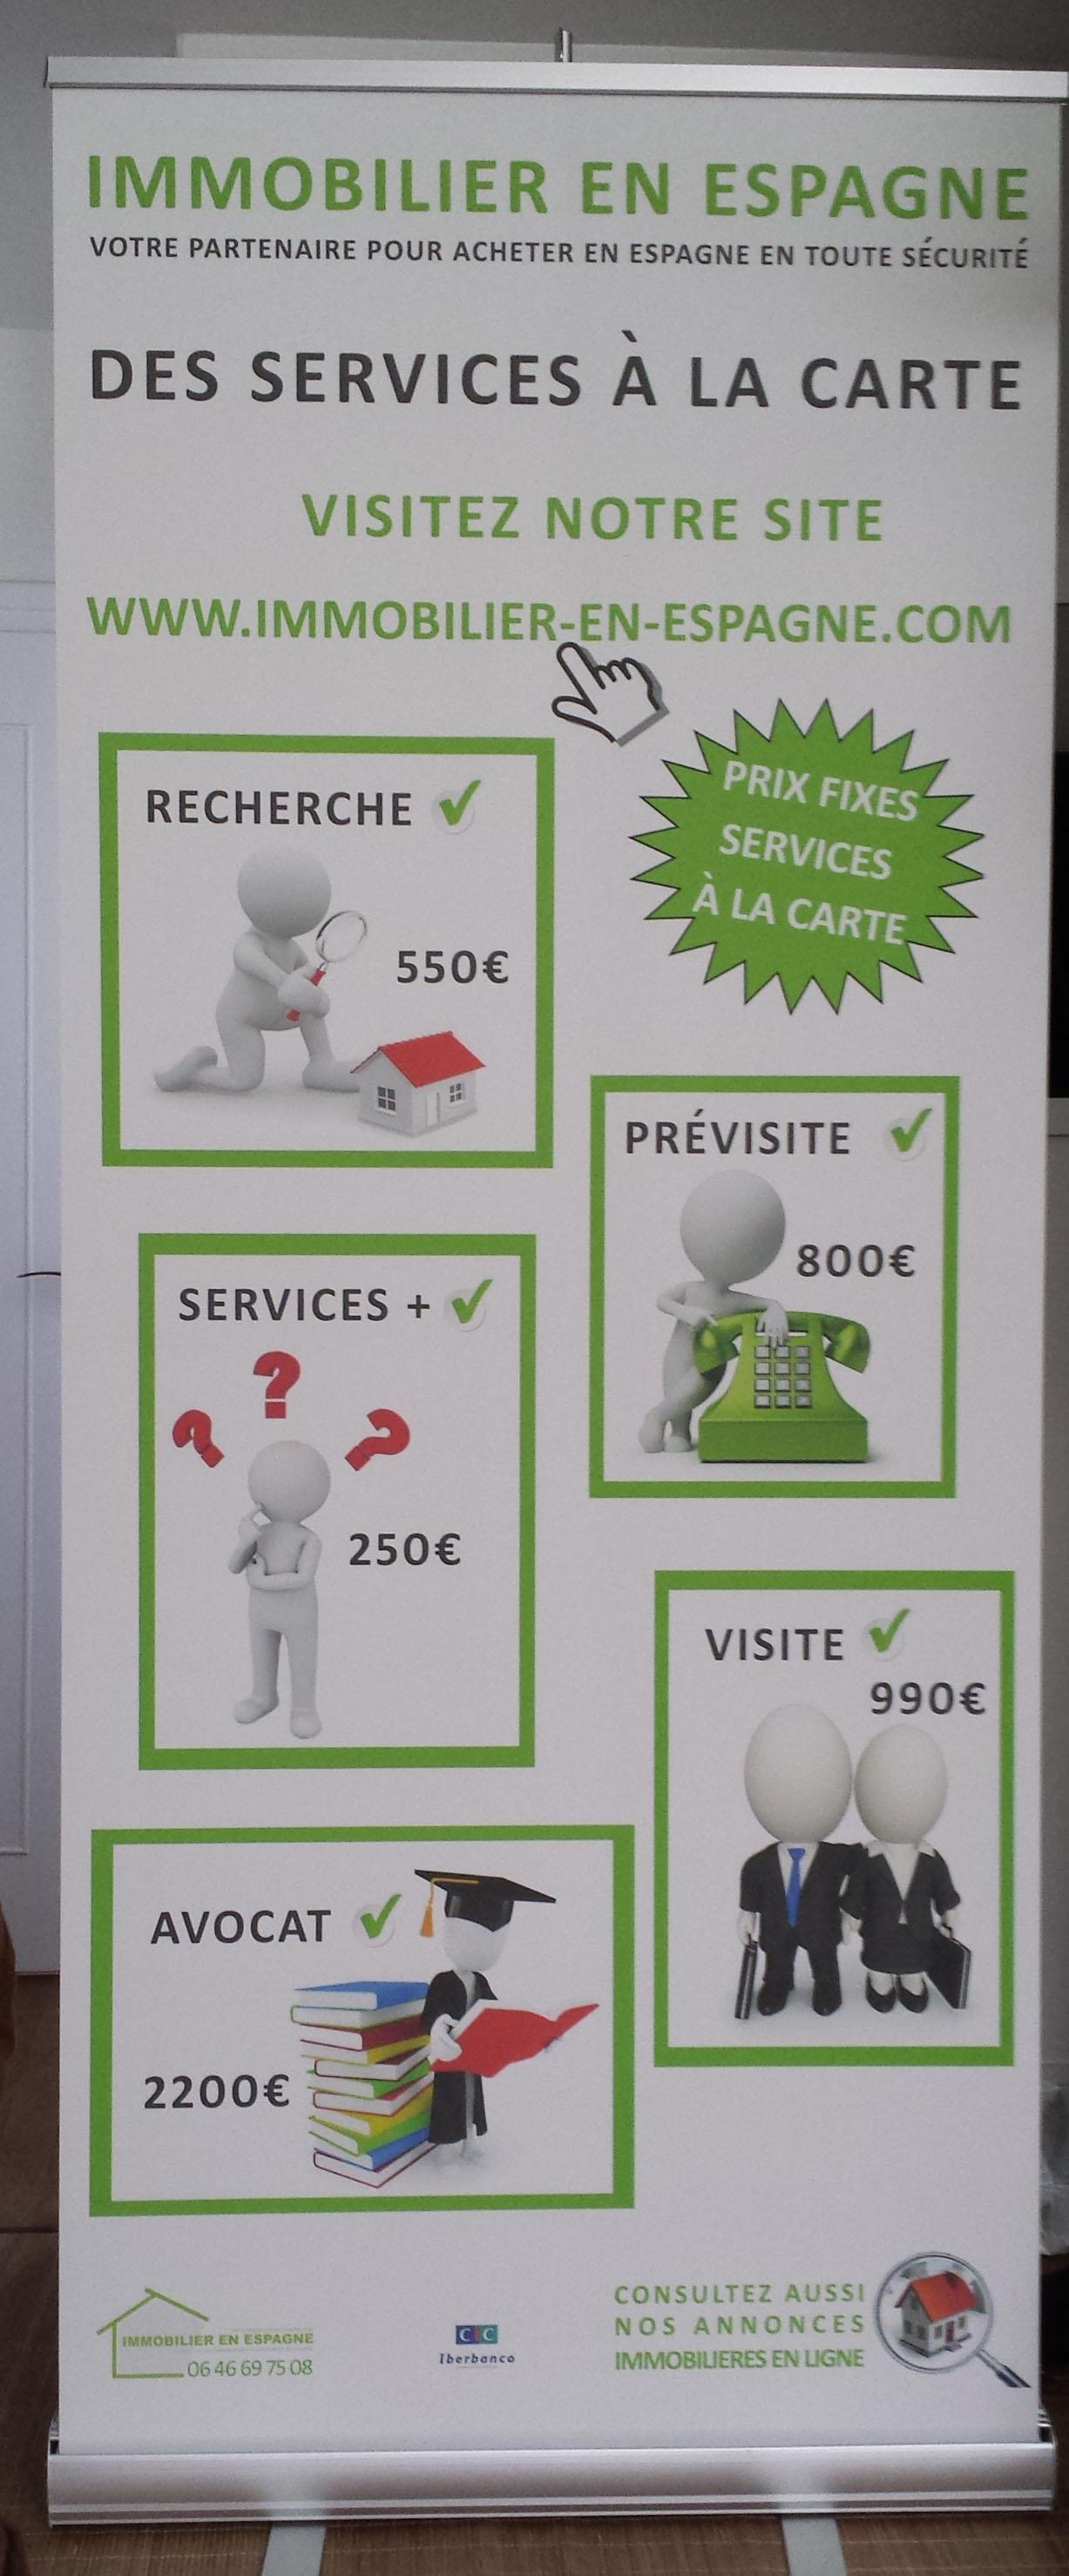 Salon immobilier en espagne a paris acheter en espagne for Porte de versailles salon immobilier marocain